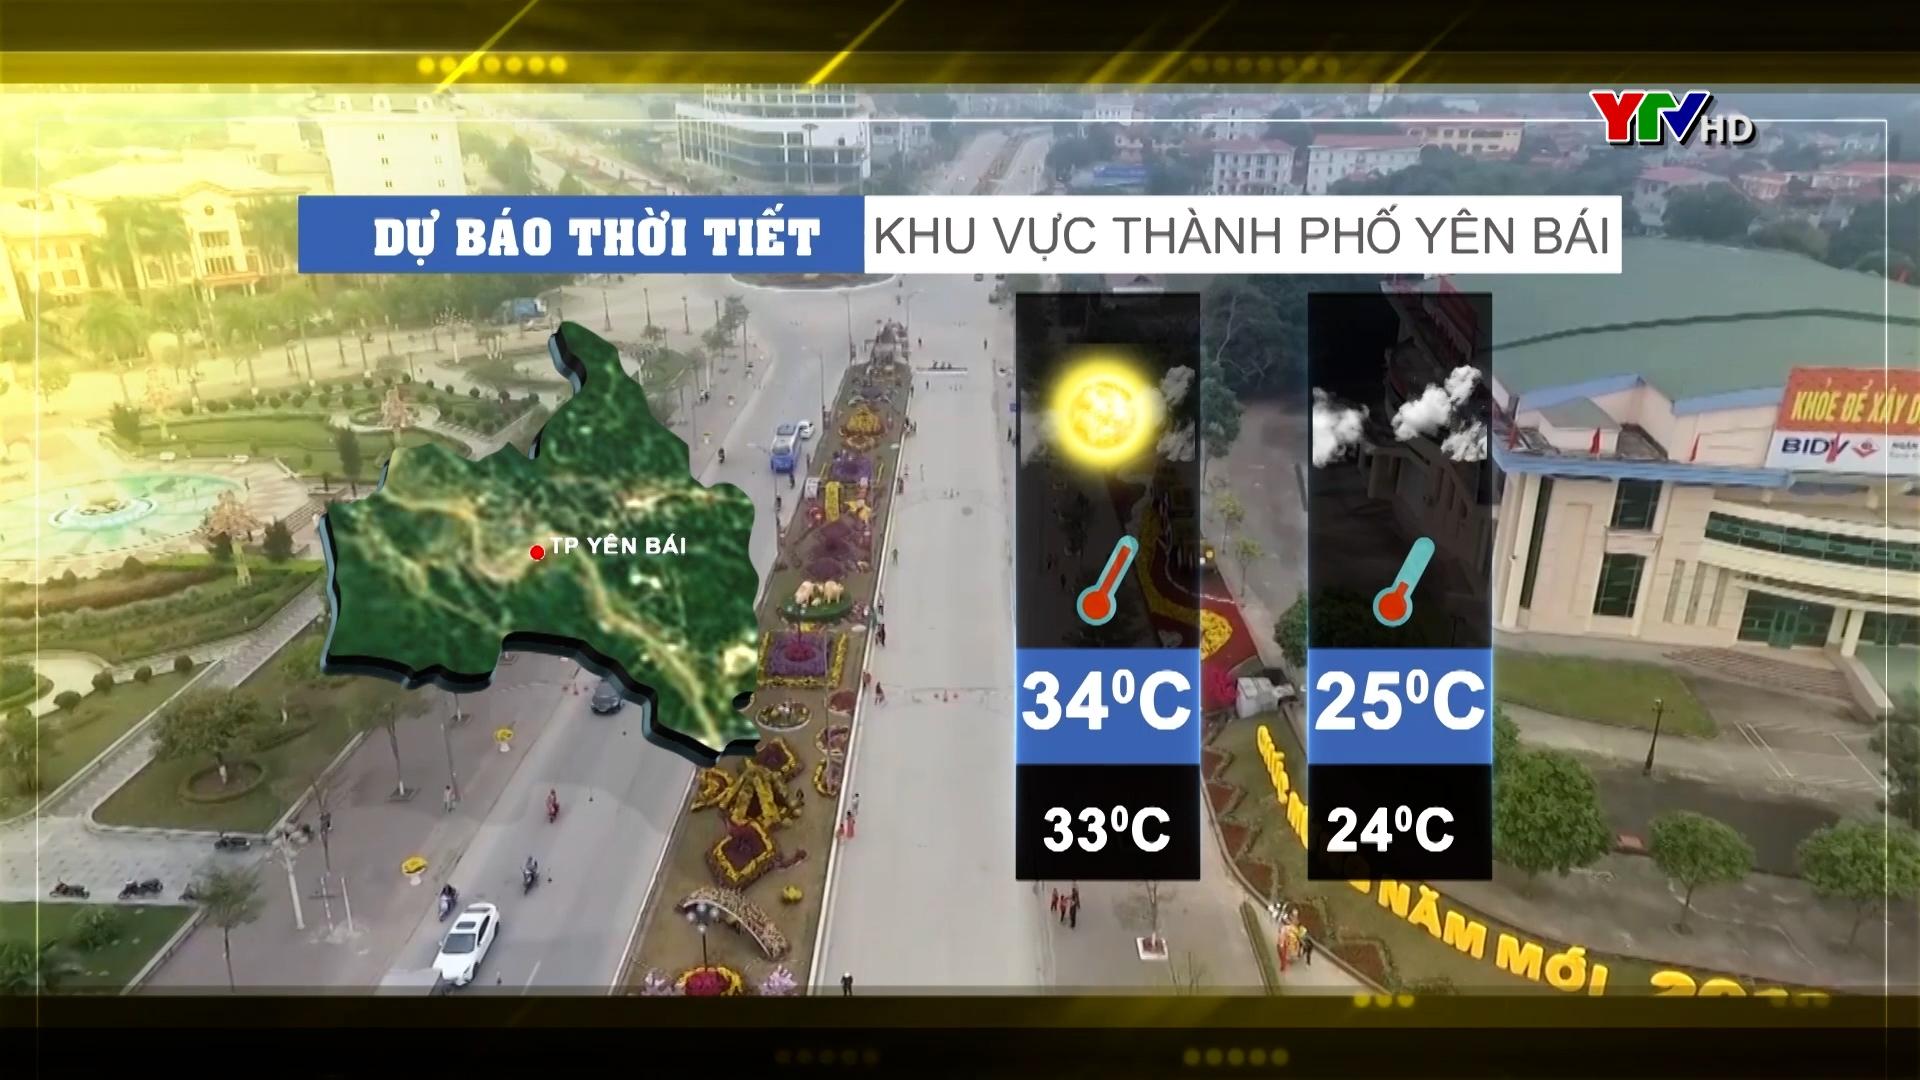 Dự báo thời tiết ngày 28 tháng 9 năm 2021